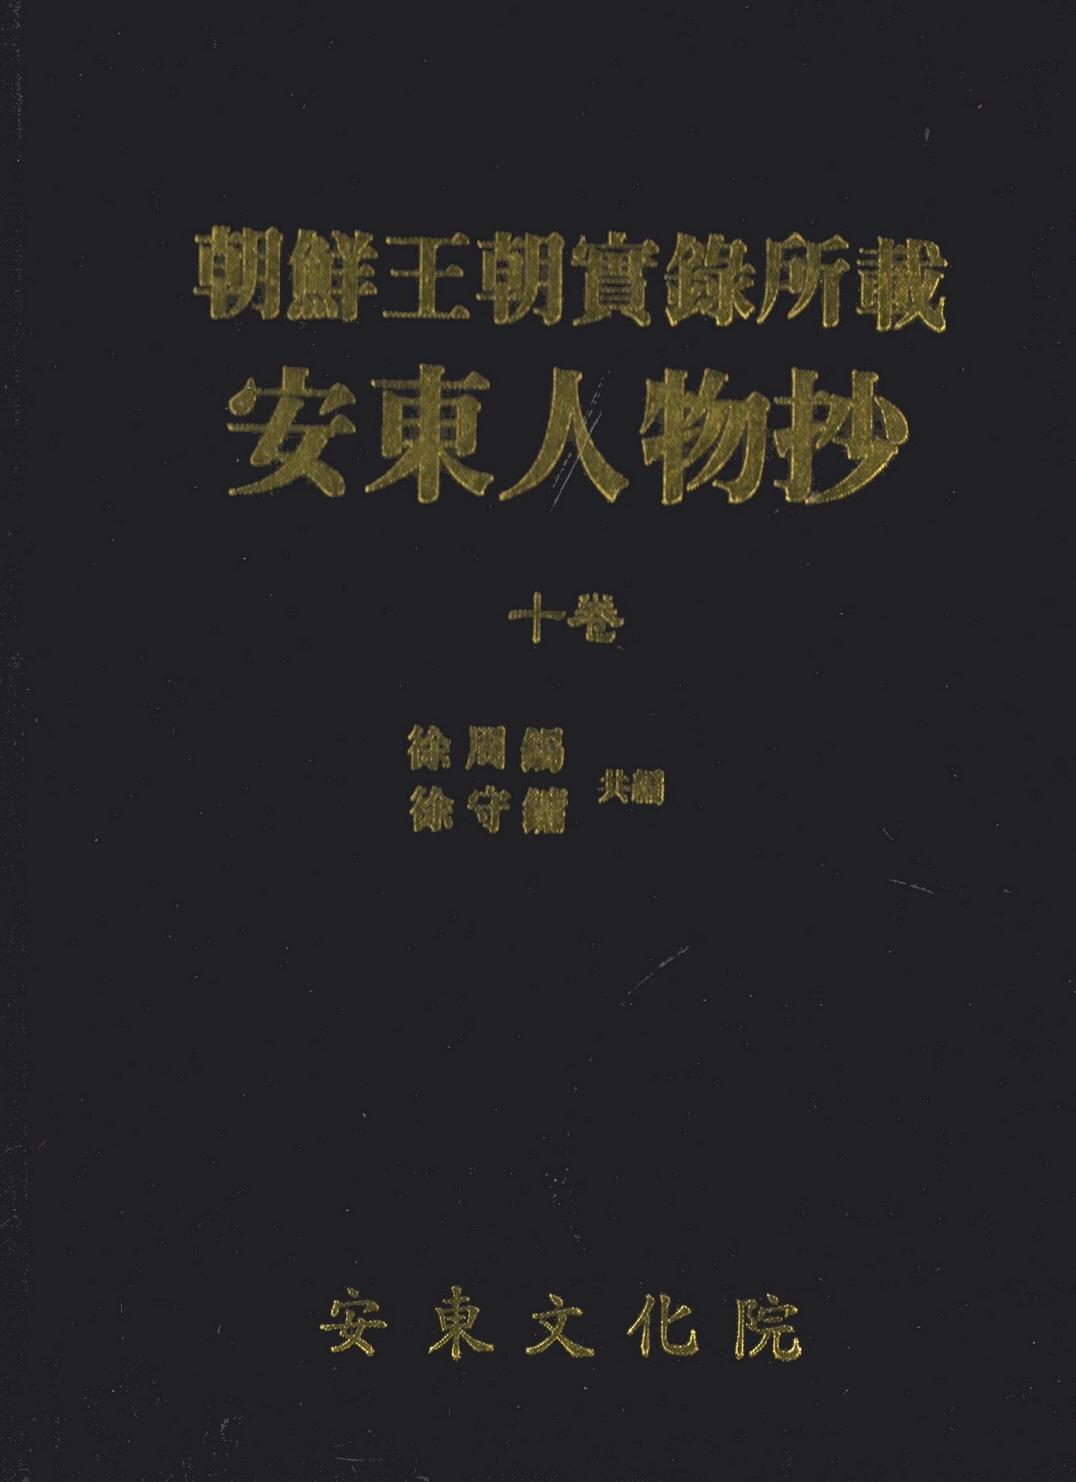 조선왕조실록 소장 안동인물초 10권